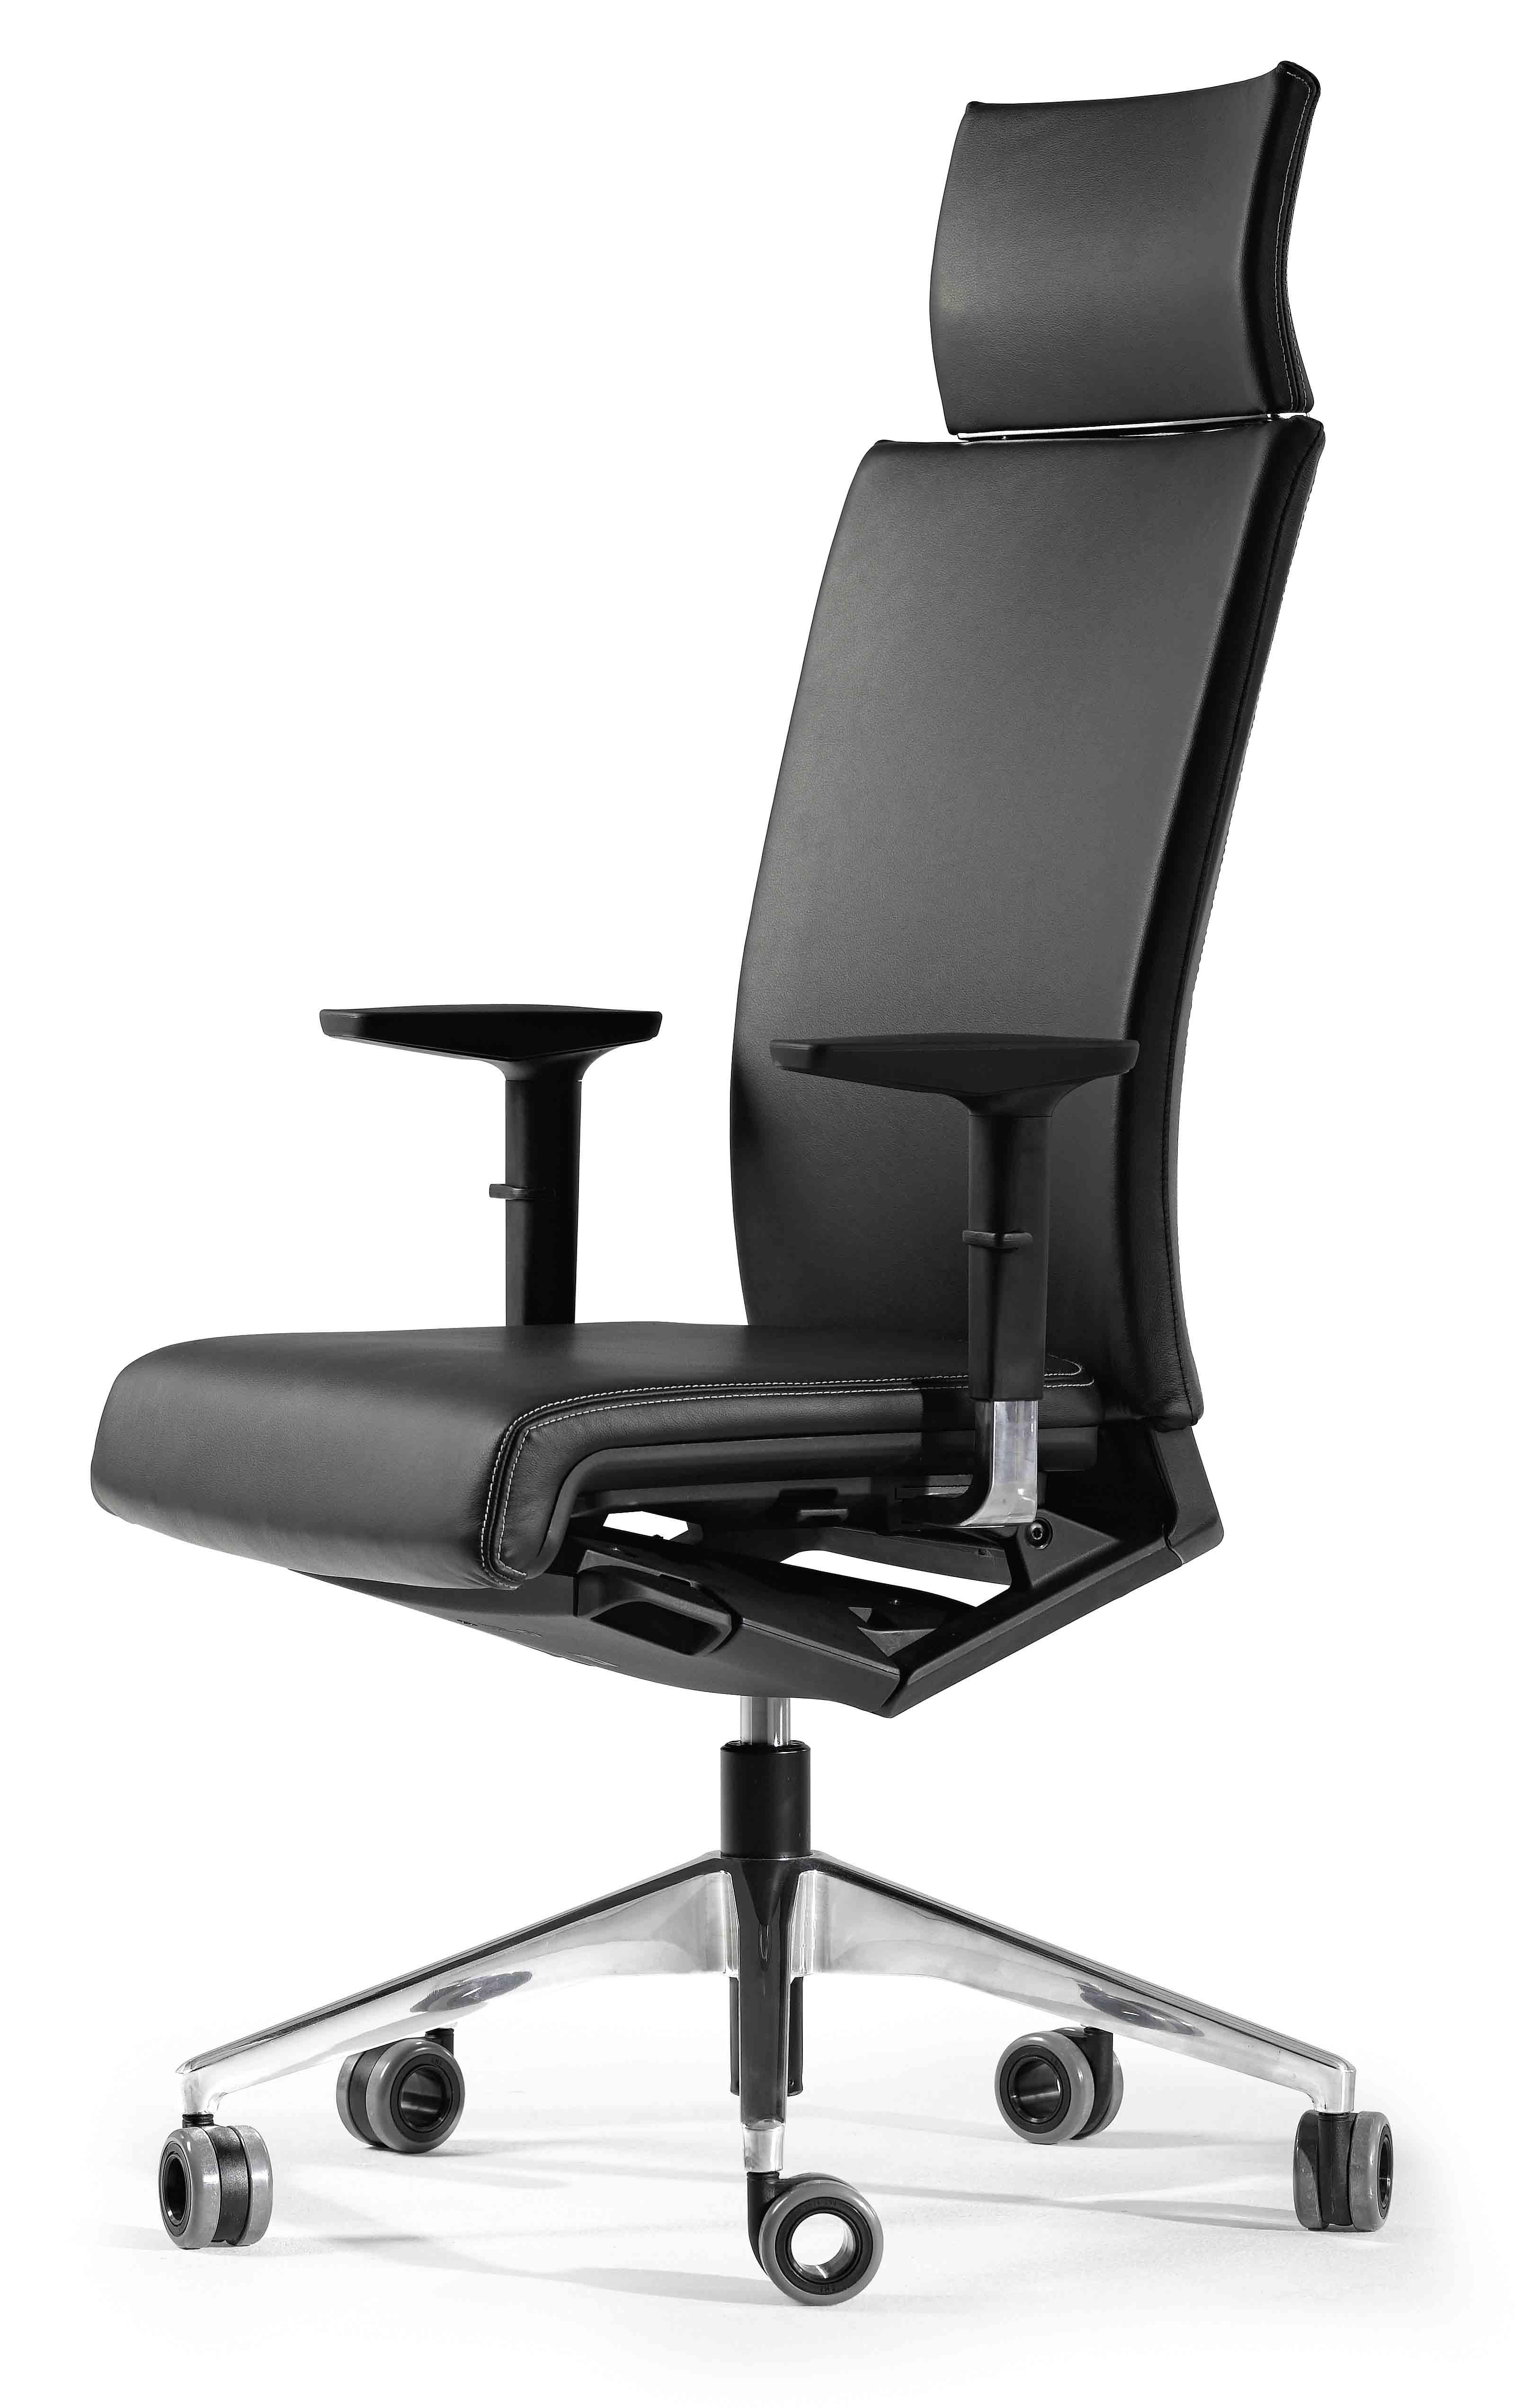 Sillas para escritorio winner muebles de oficina spacio for Sillas ergonomicas para oficina precio